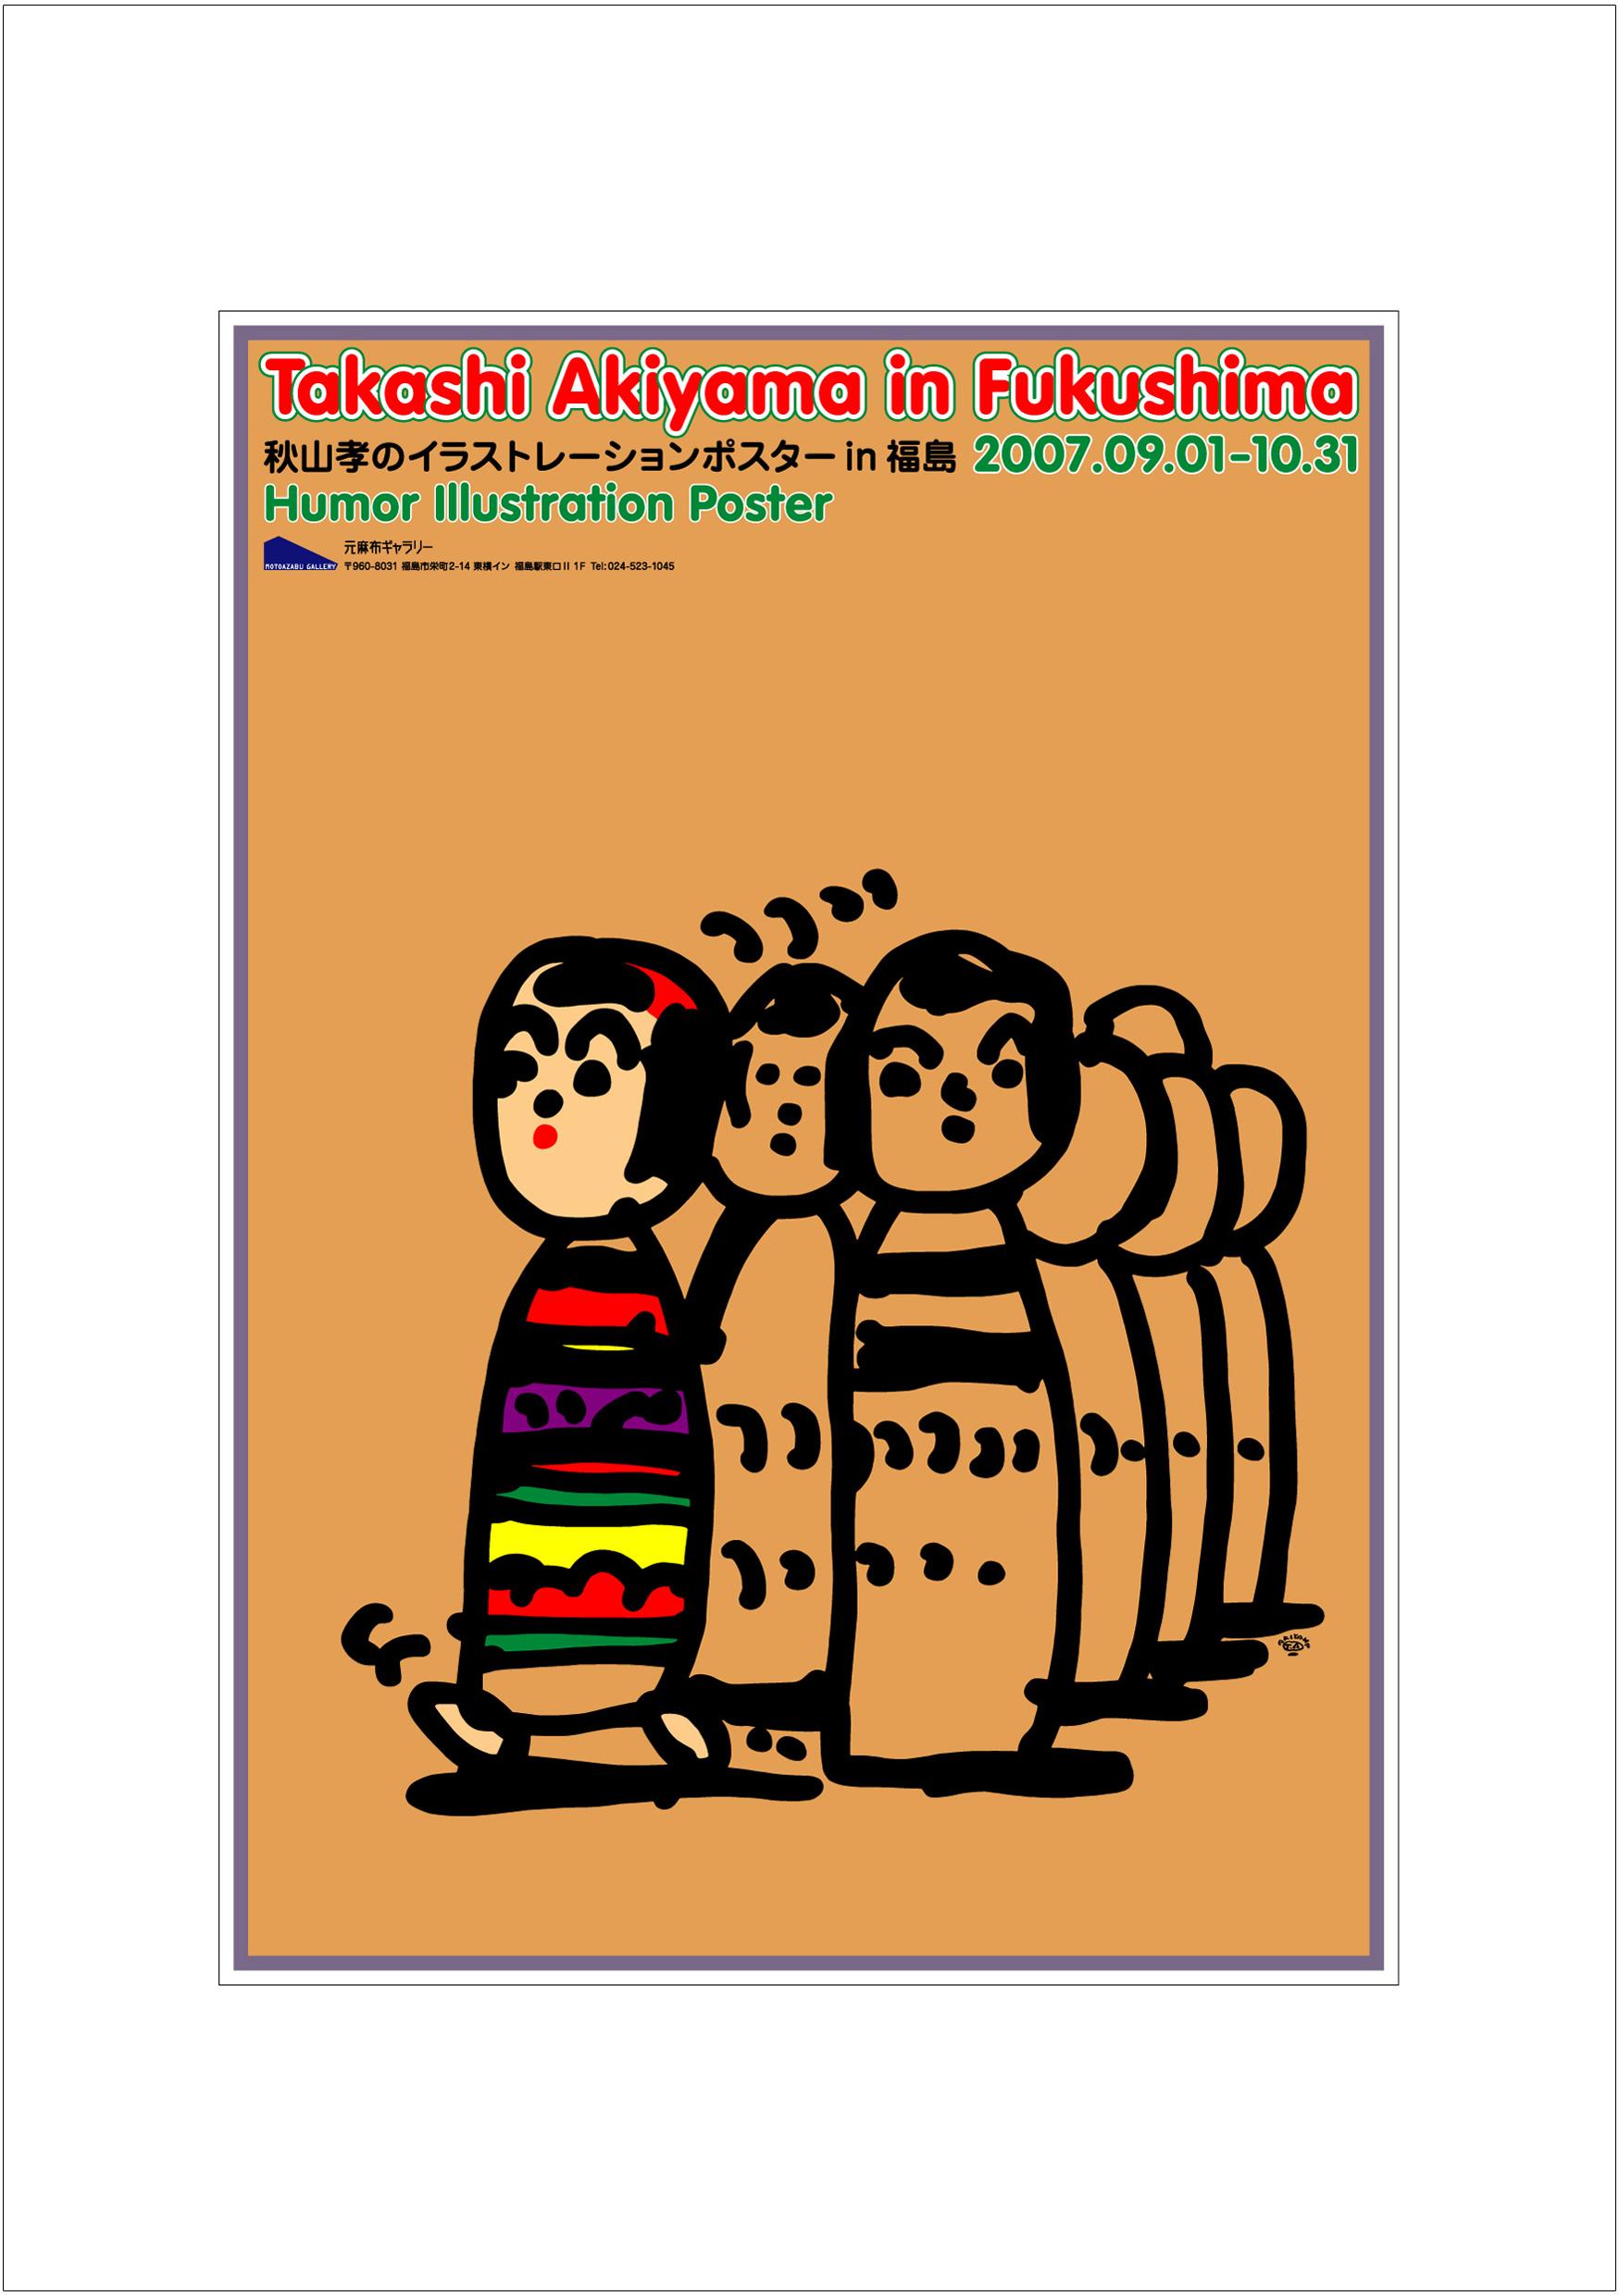 ポスターアーティスト秋山孝が2007年に制作したアートカード「アートカード ポスター 2007 09」